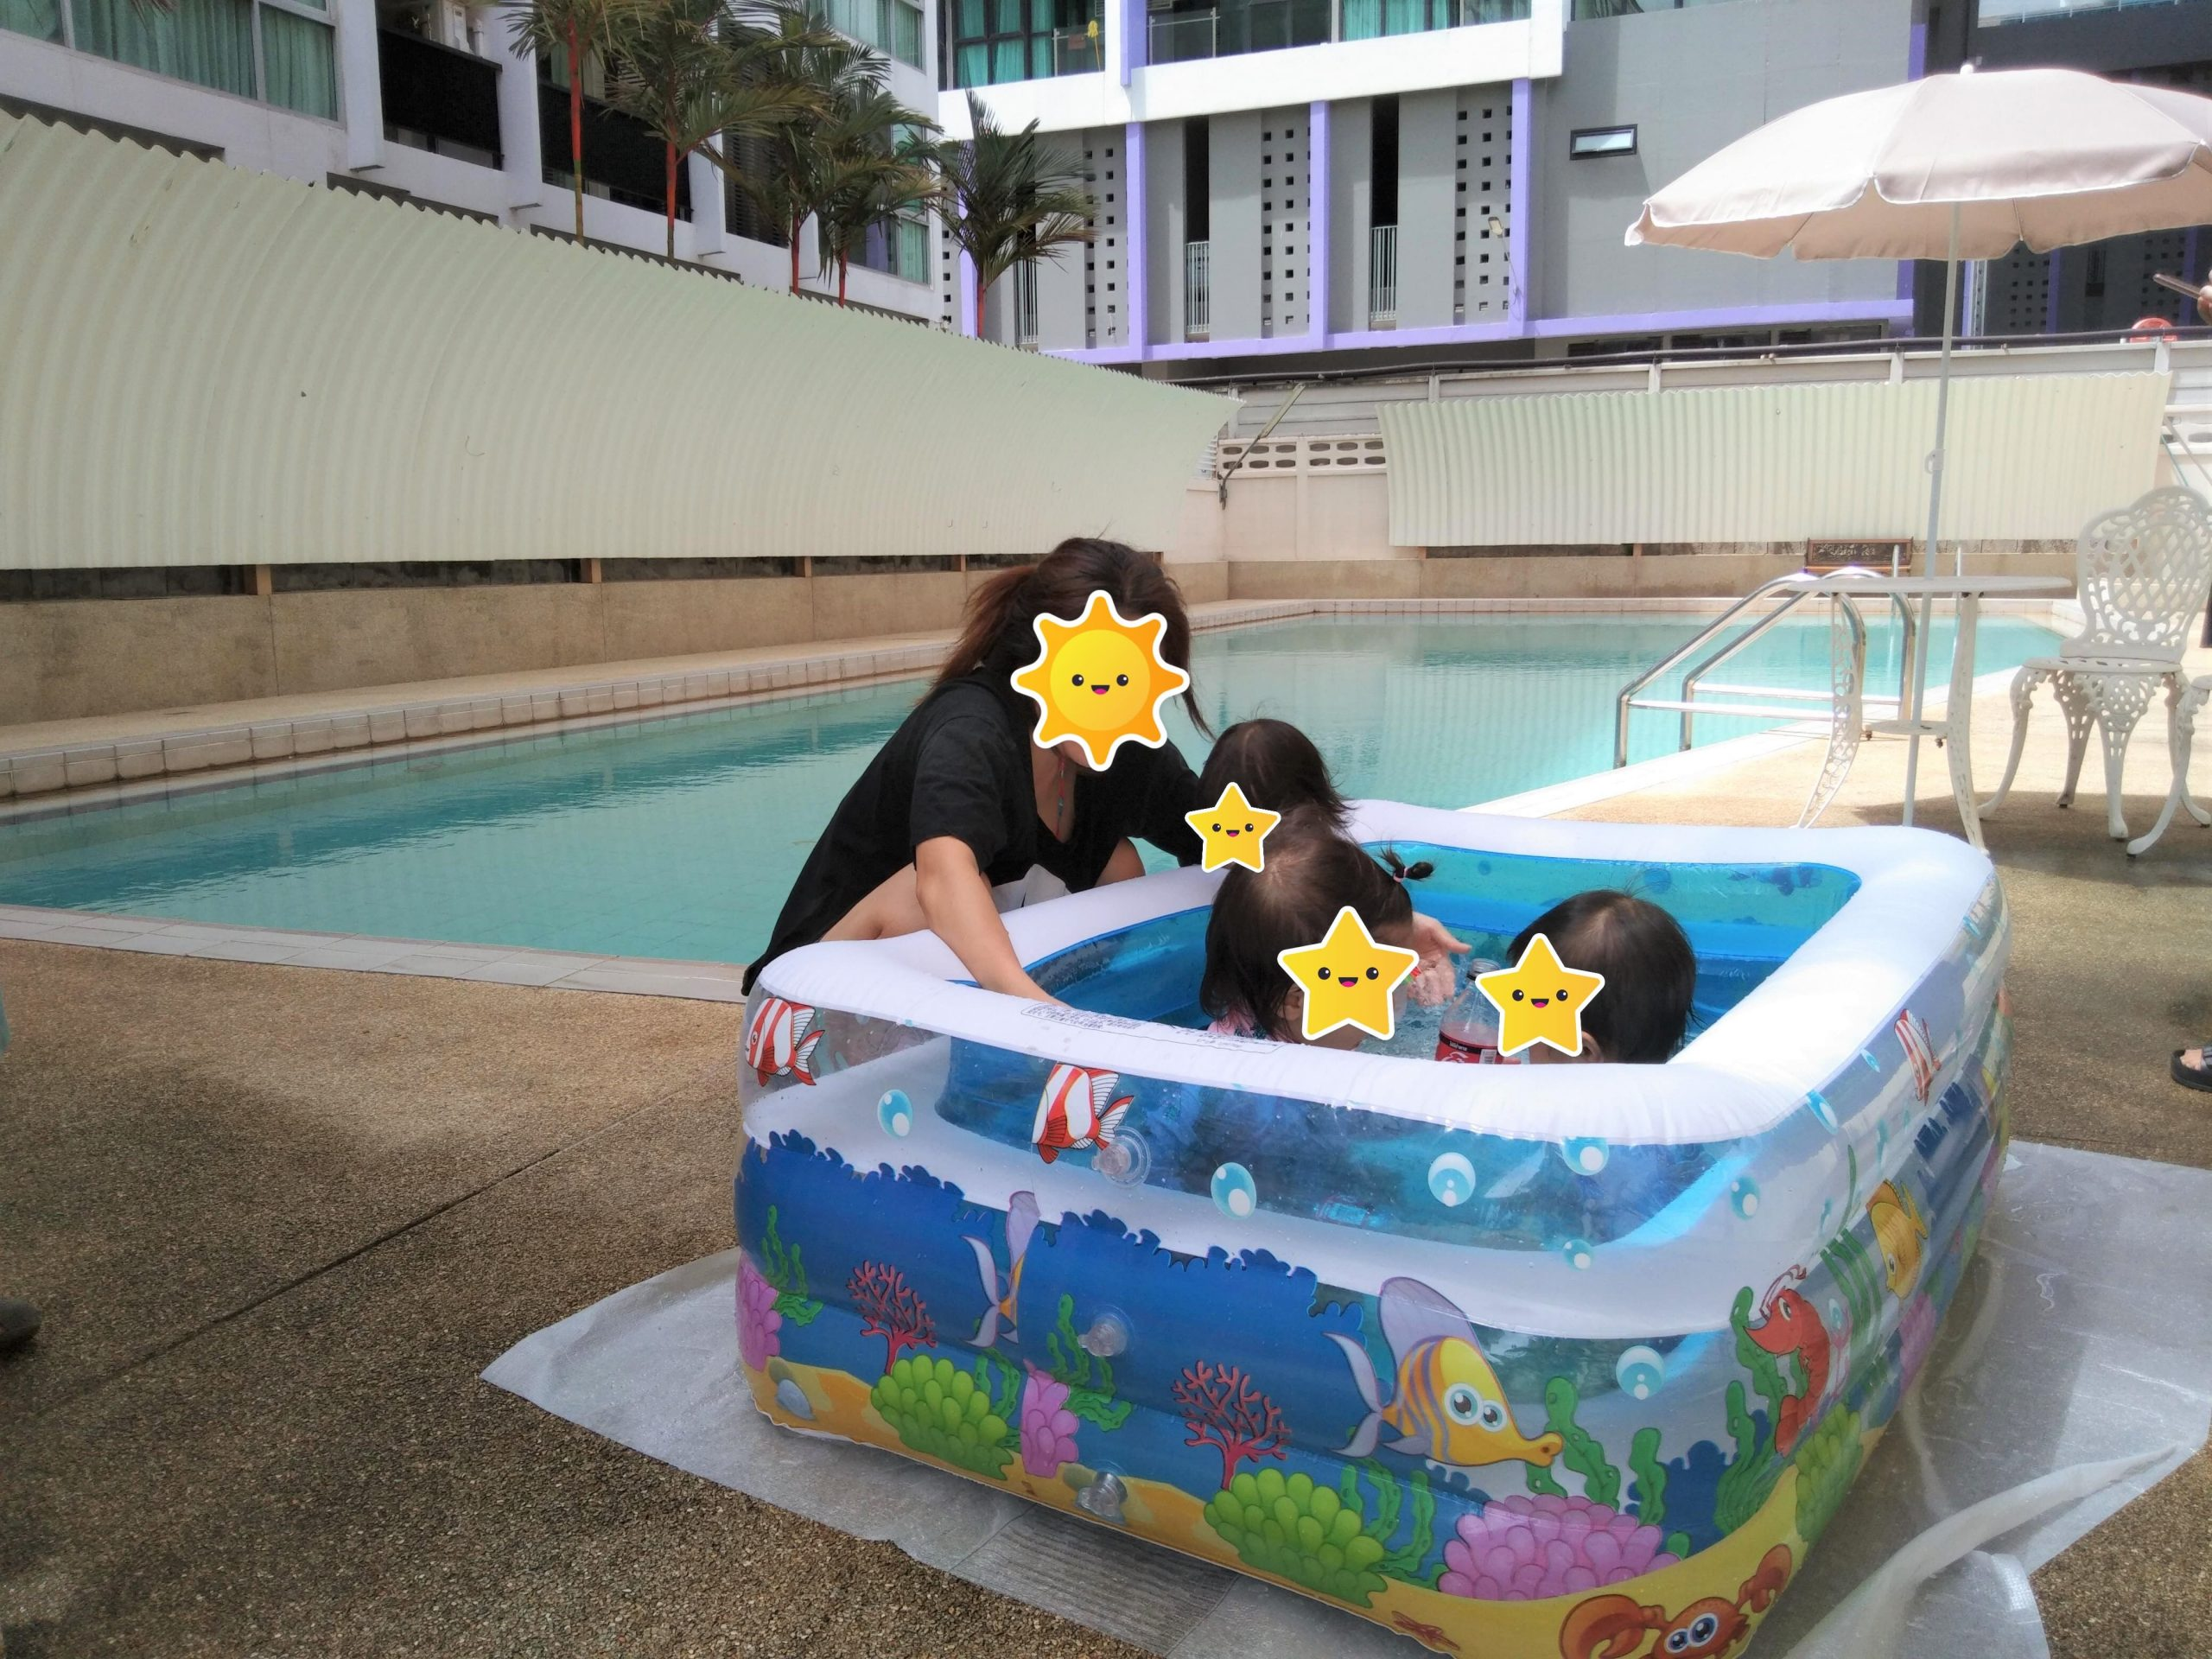 グリーンライフサービスアパート子ども用プールで遊ぶ